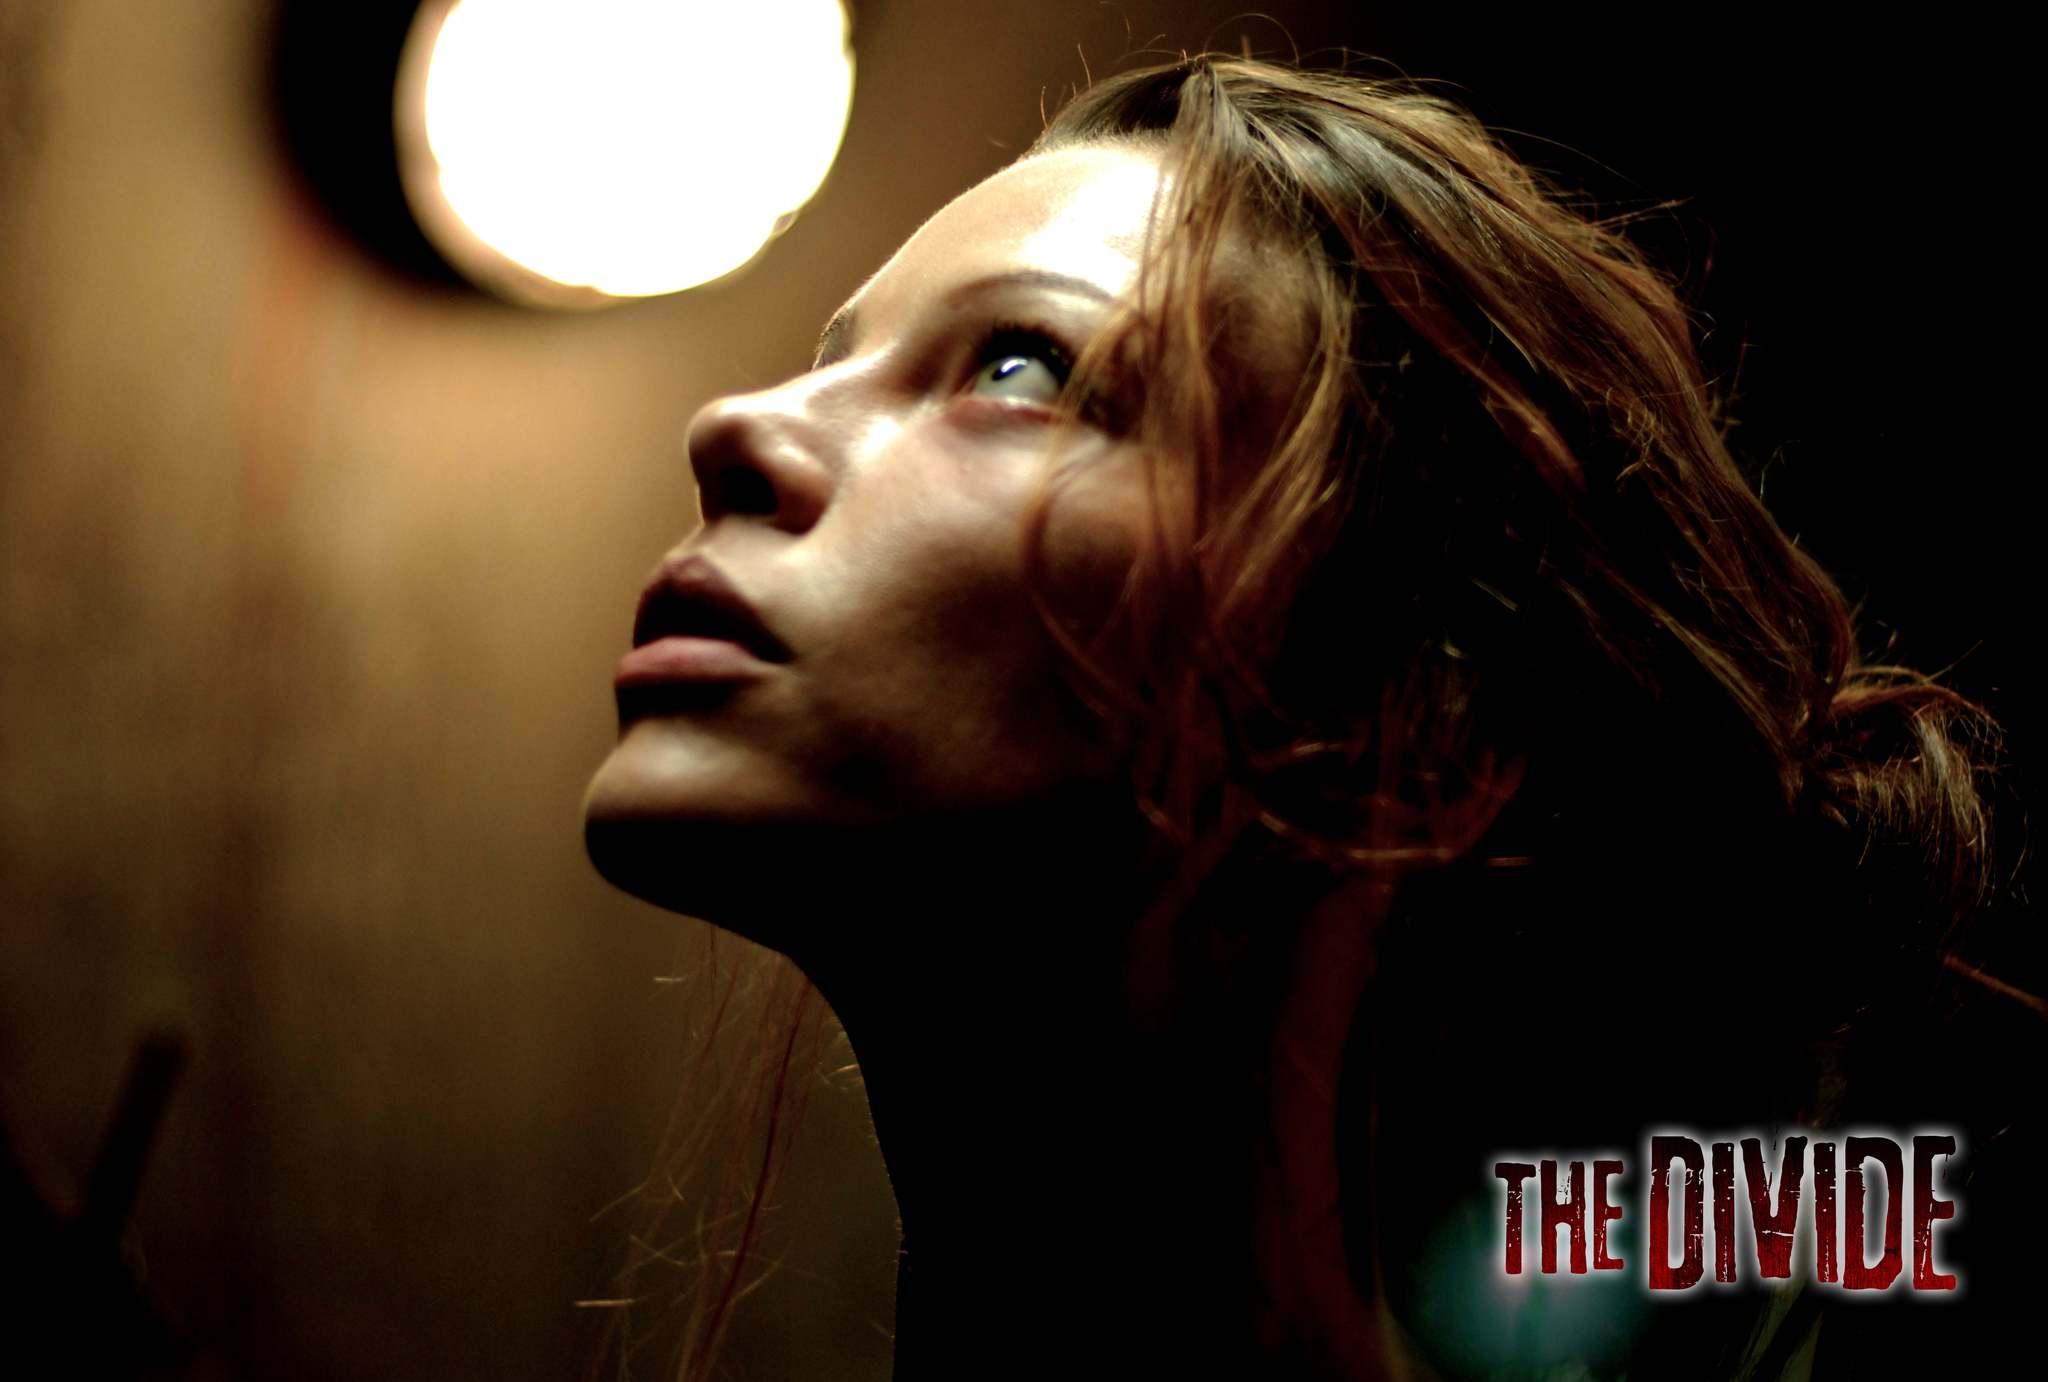 Lauren German in The Divide (2011)